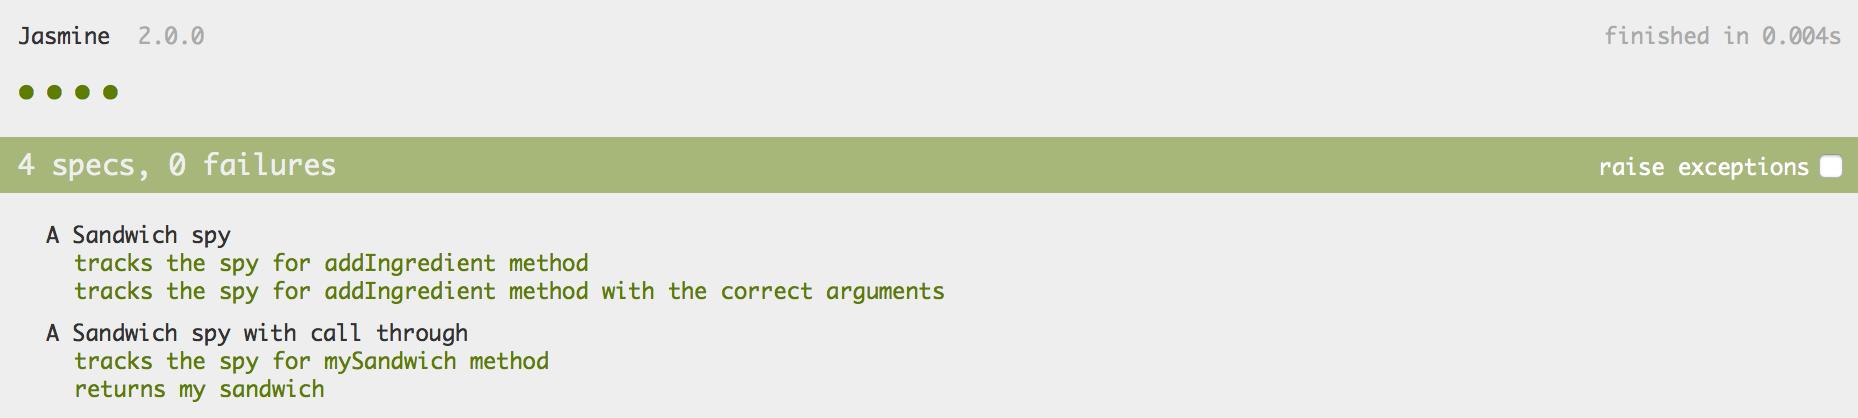 Print da tela mostrando que o teste passou